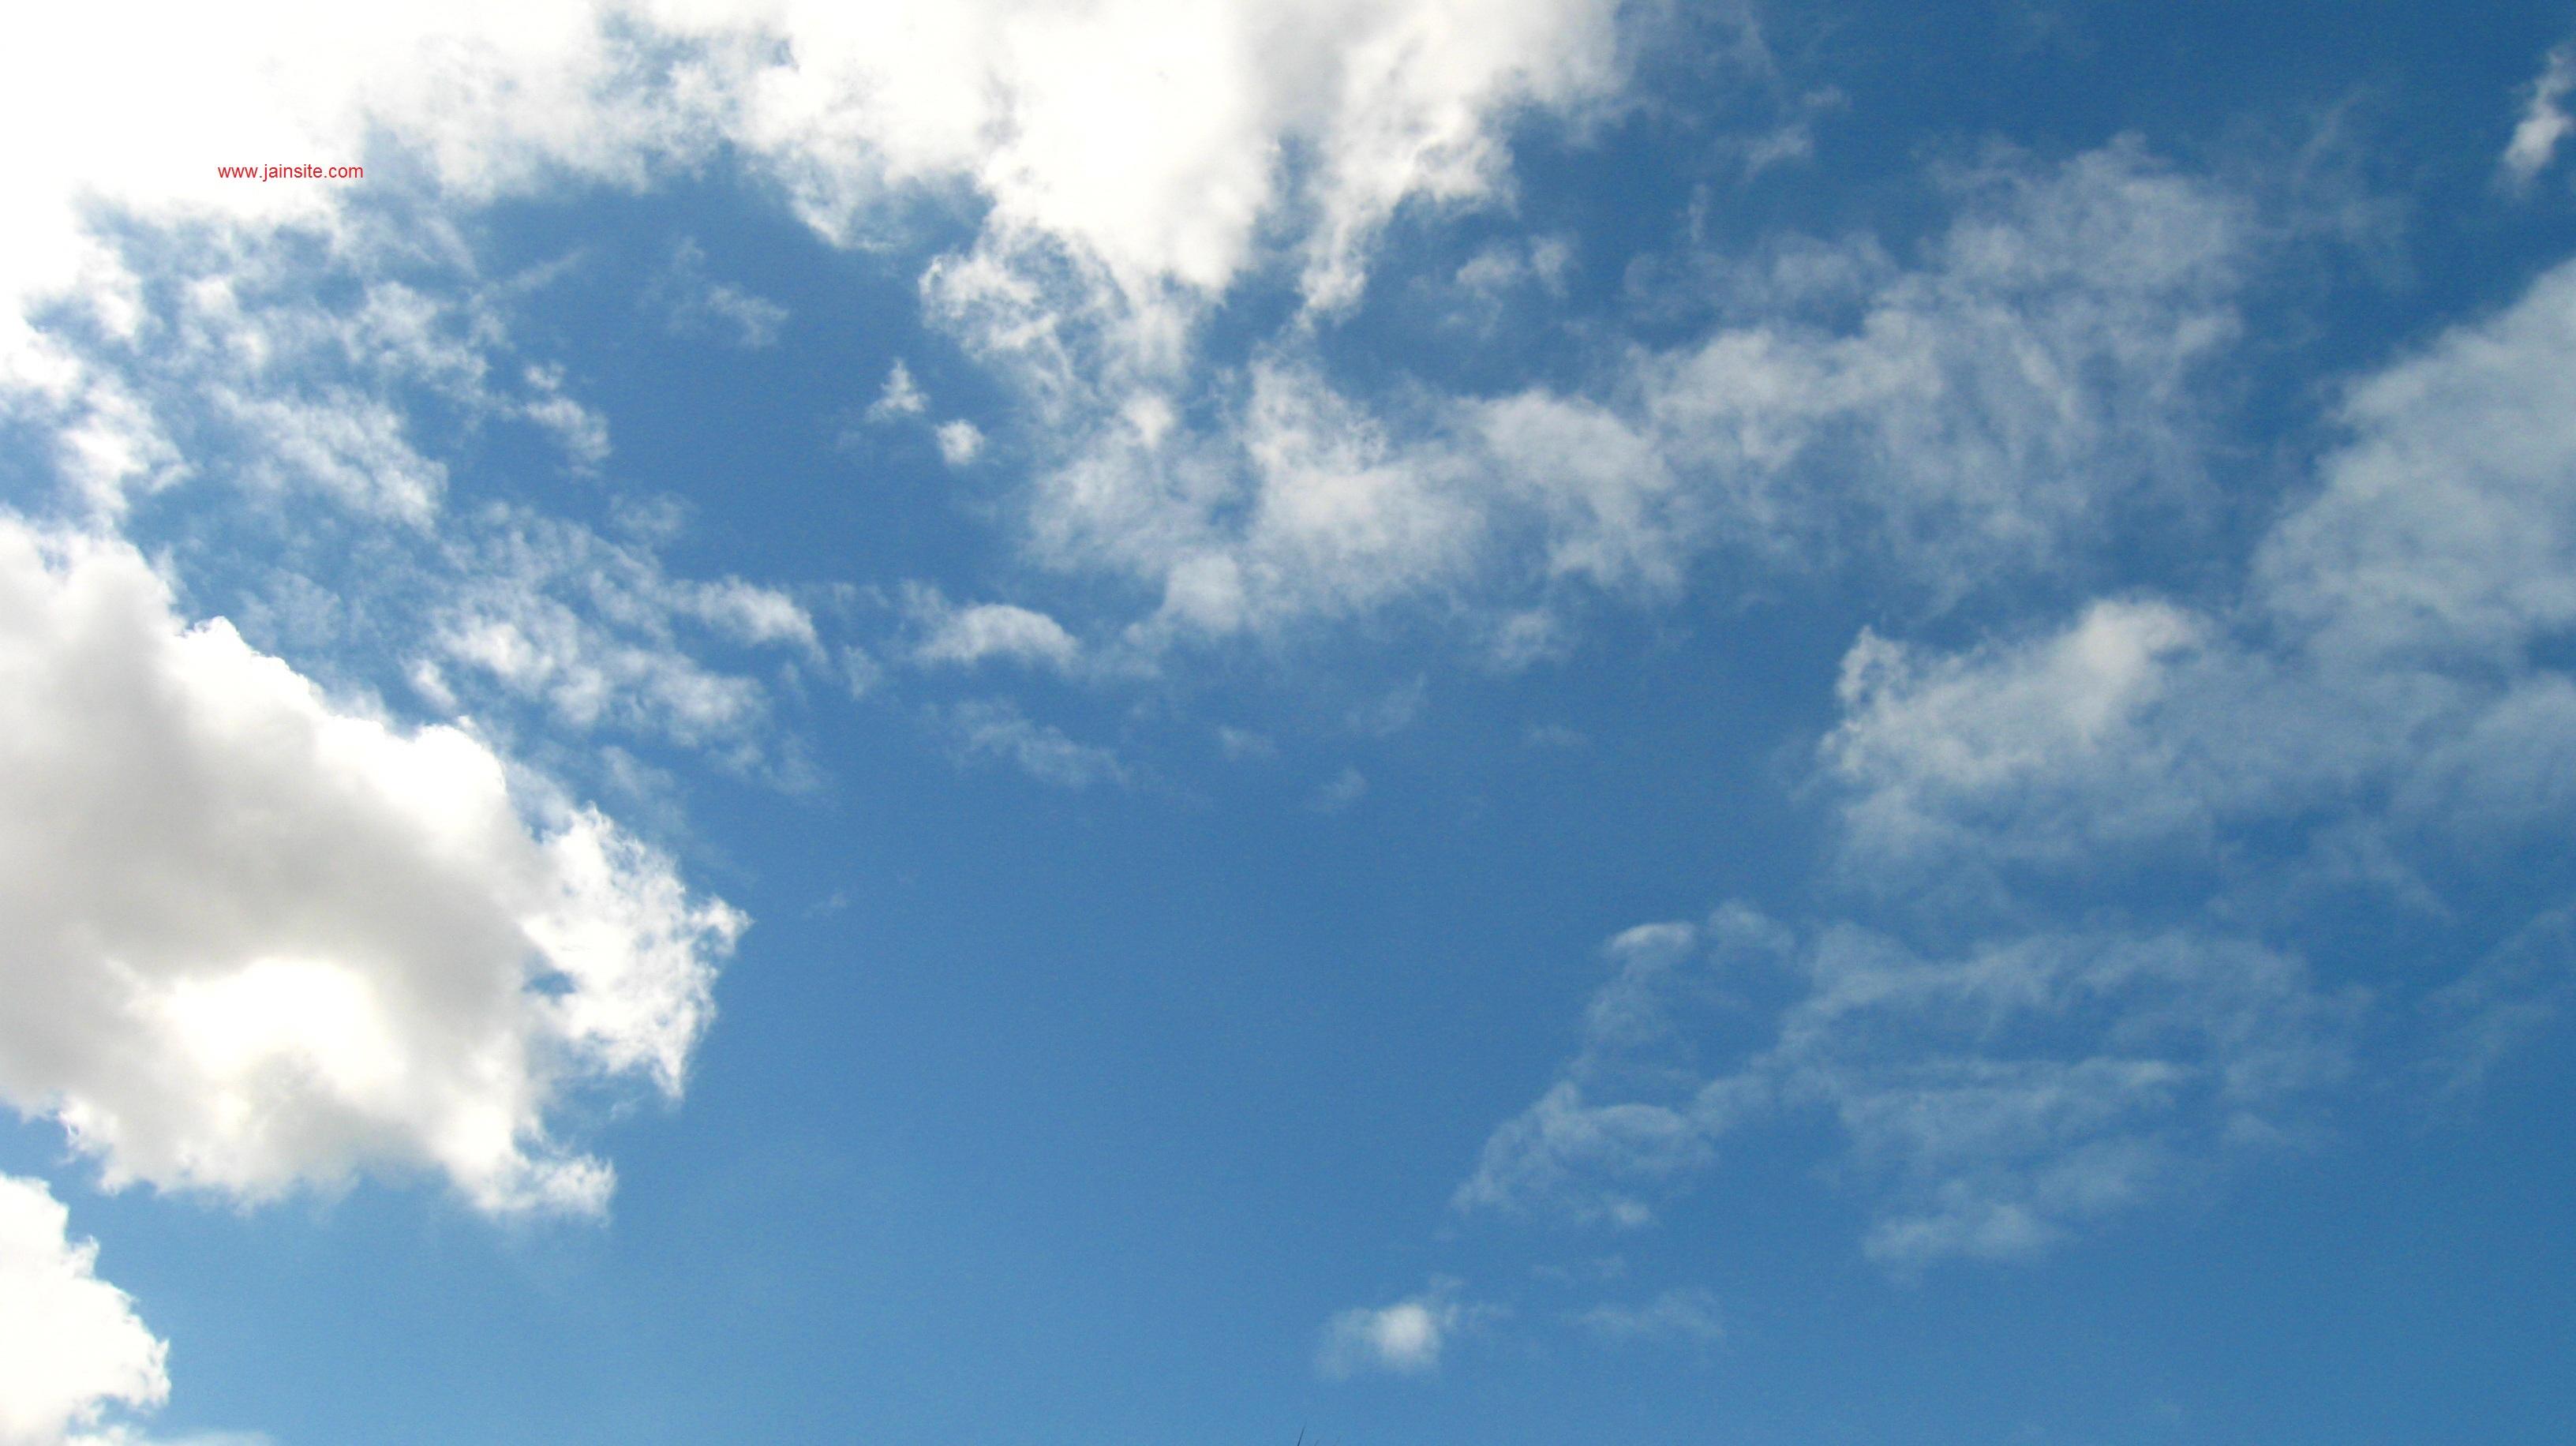 उर्ध्व लोक वर्णन | Jain Khagol – sky